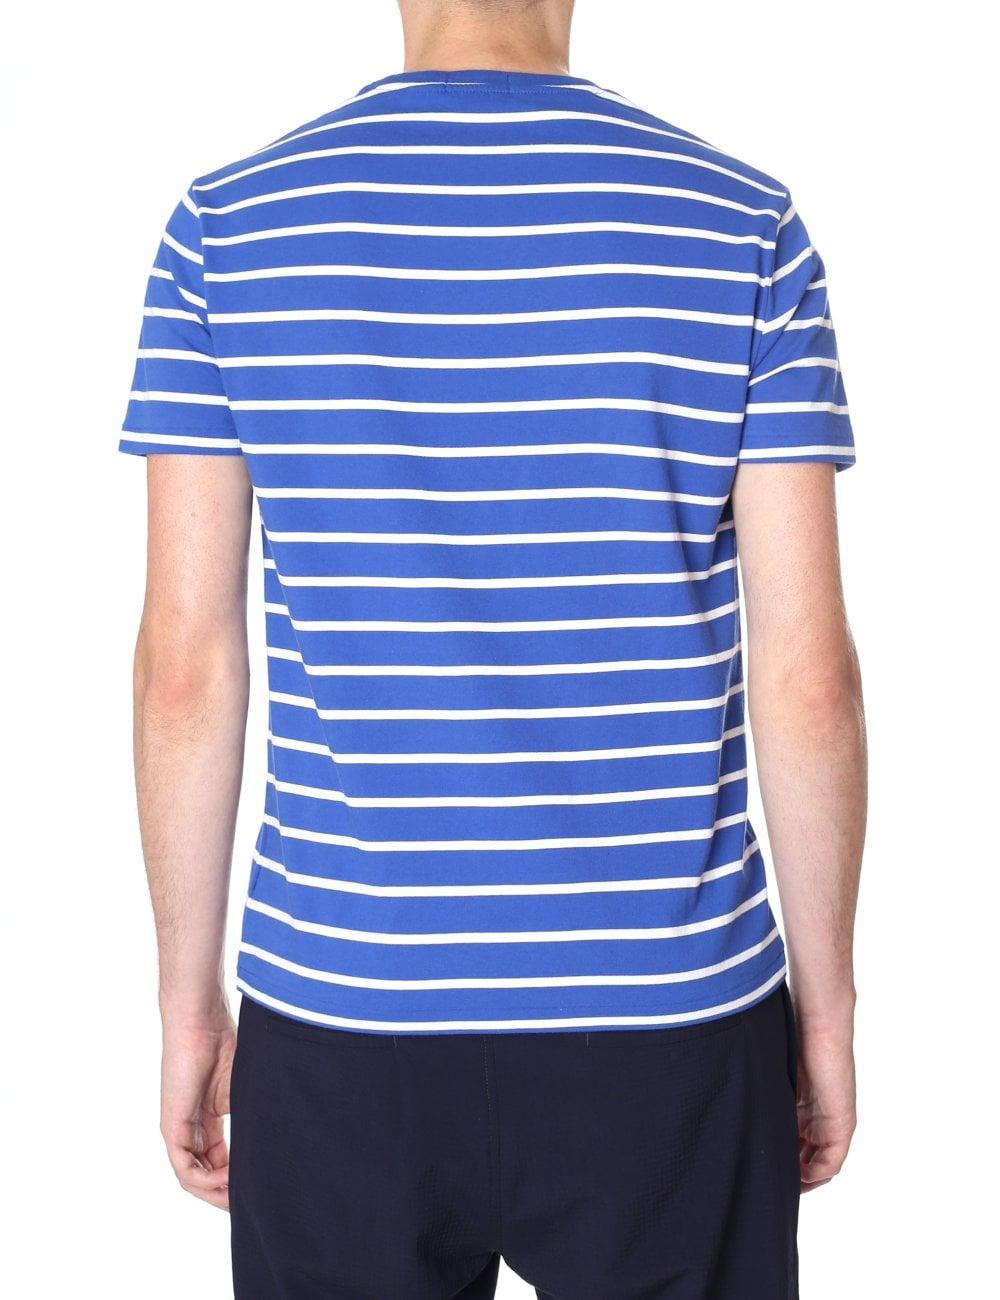 ec14b1d56 Polo Ralph Lauren Men's Custom Slim Fit Crew Neck Short Sleeve Tee